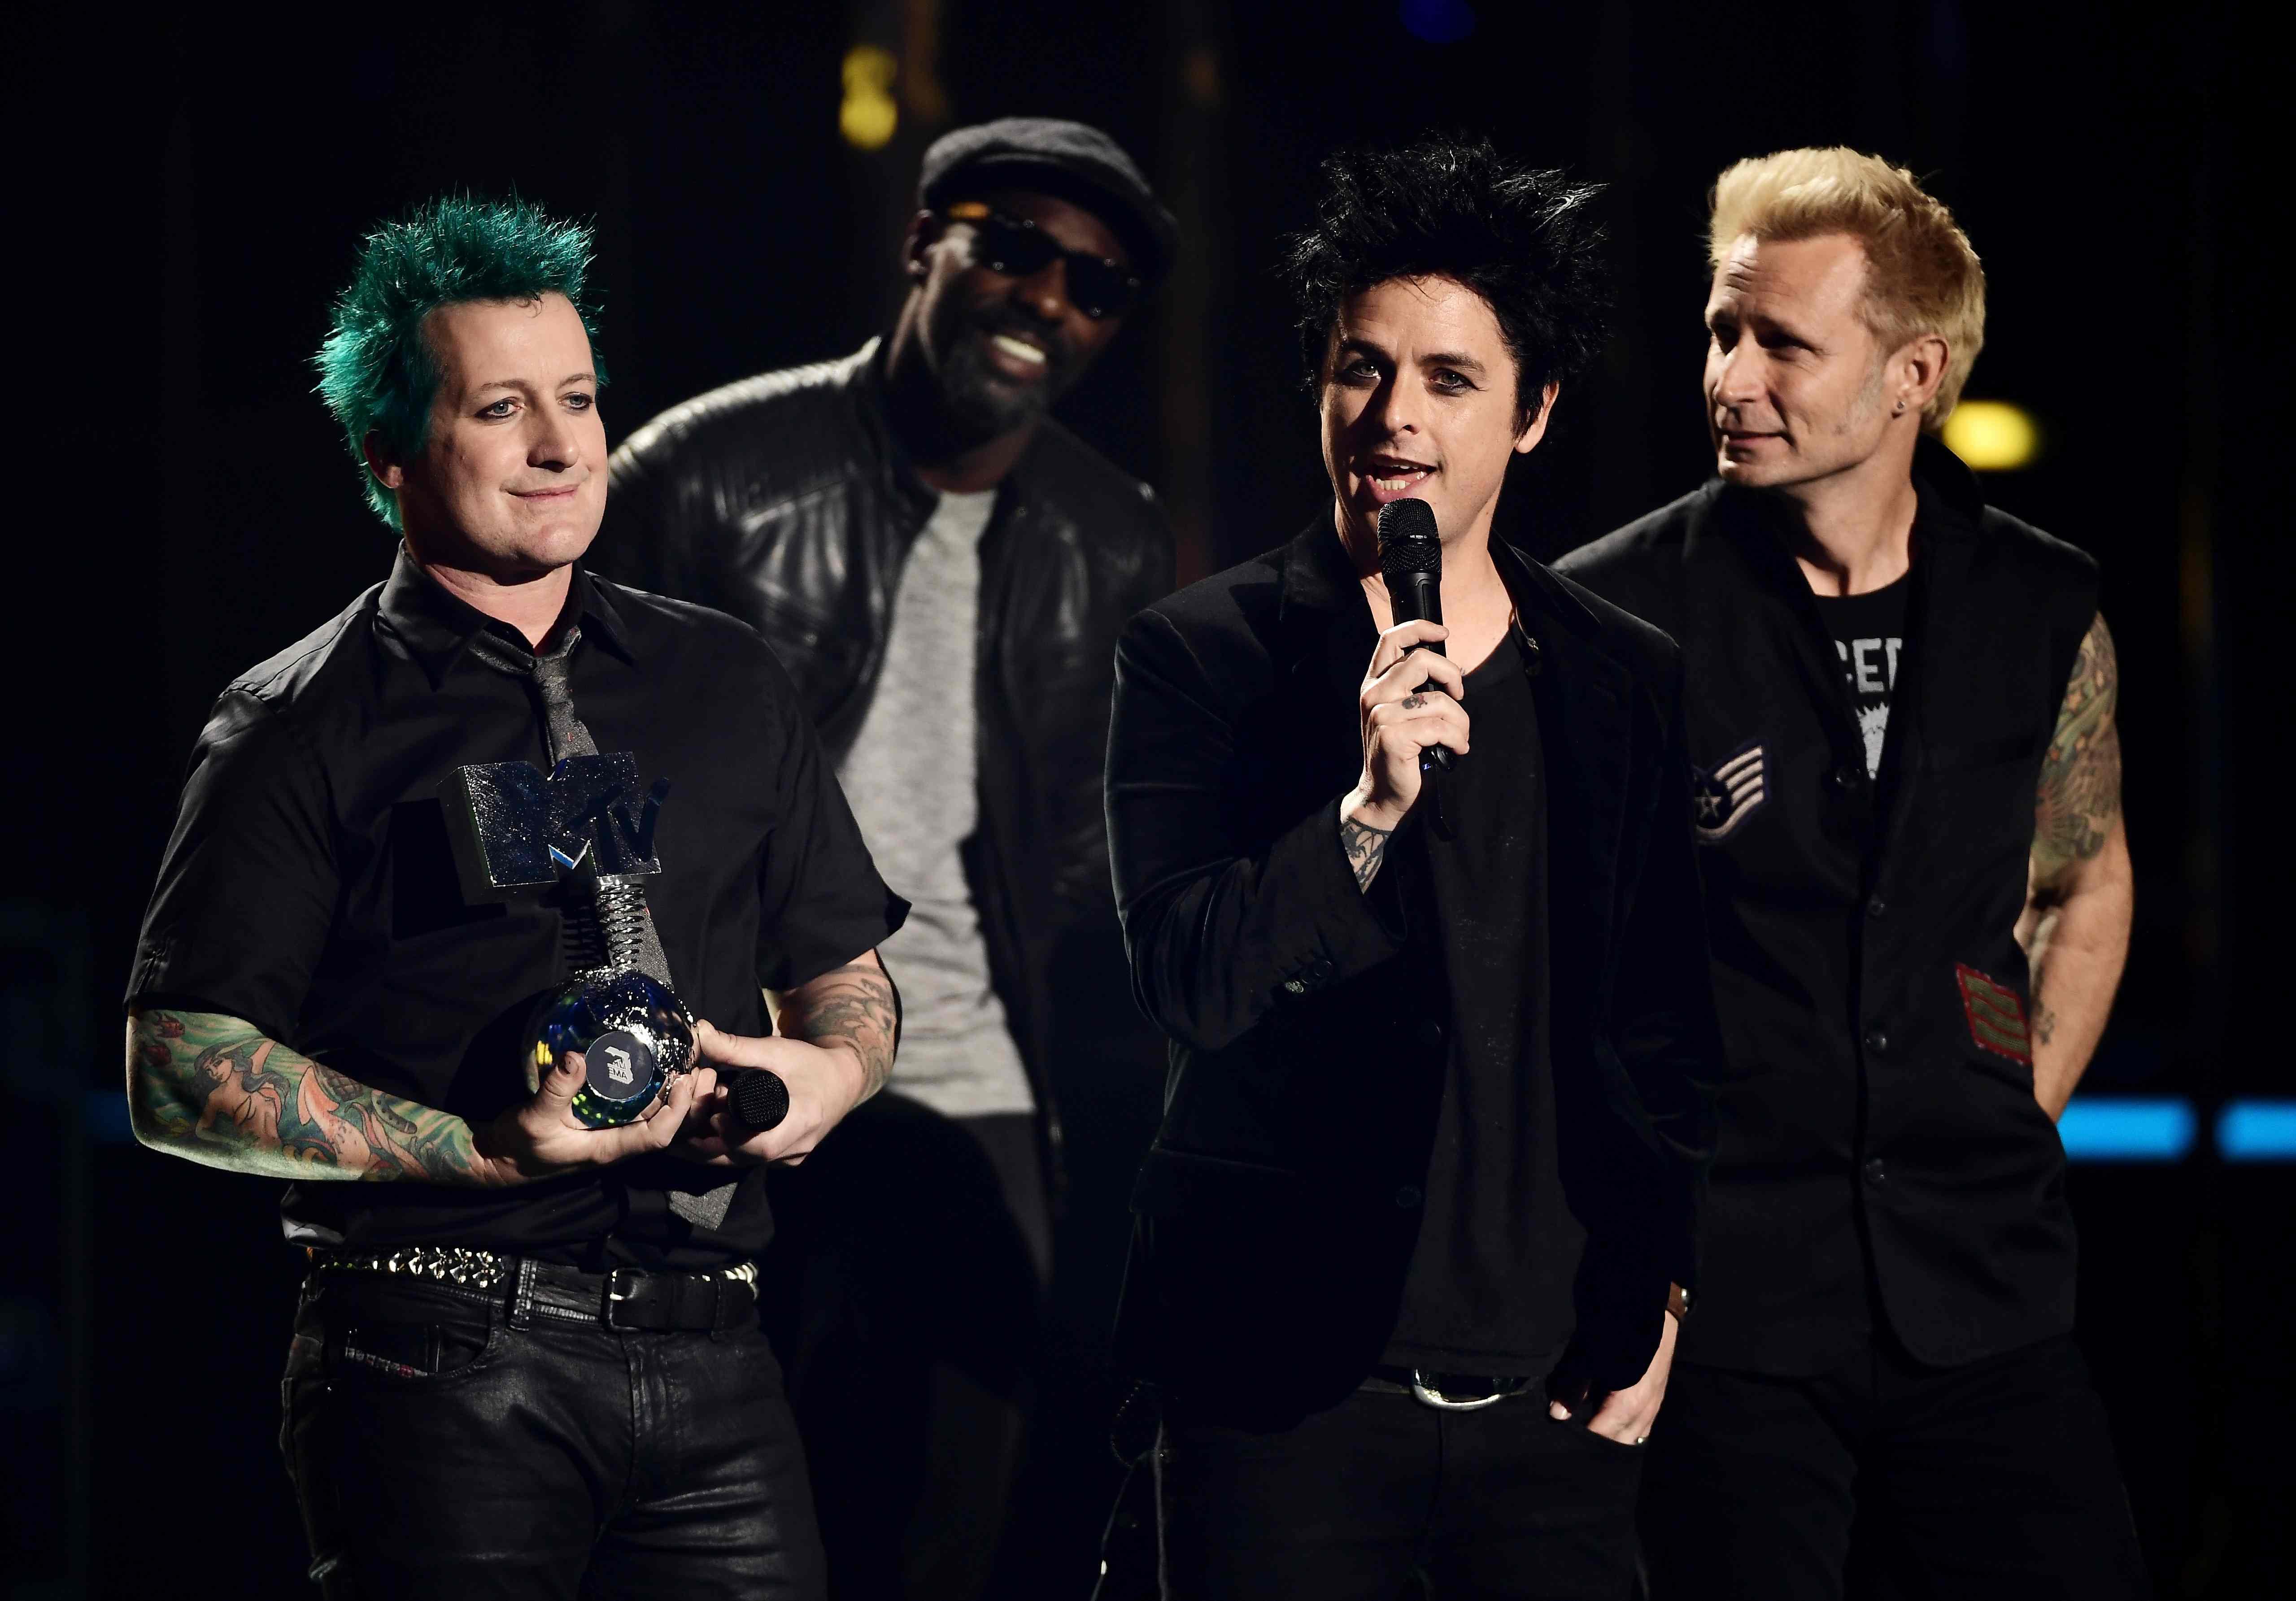 Tre Cool, Billie Joe Armstrong und Mike Dirnt von Green Day nehmen ihren Global Icon Award in Empfang